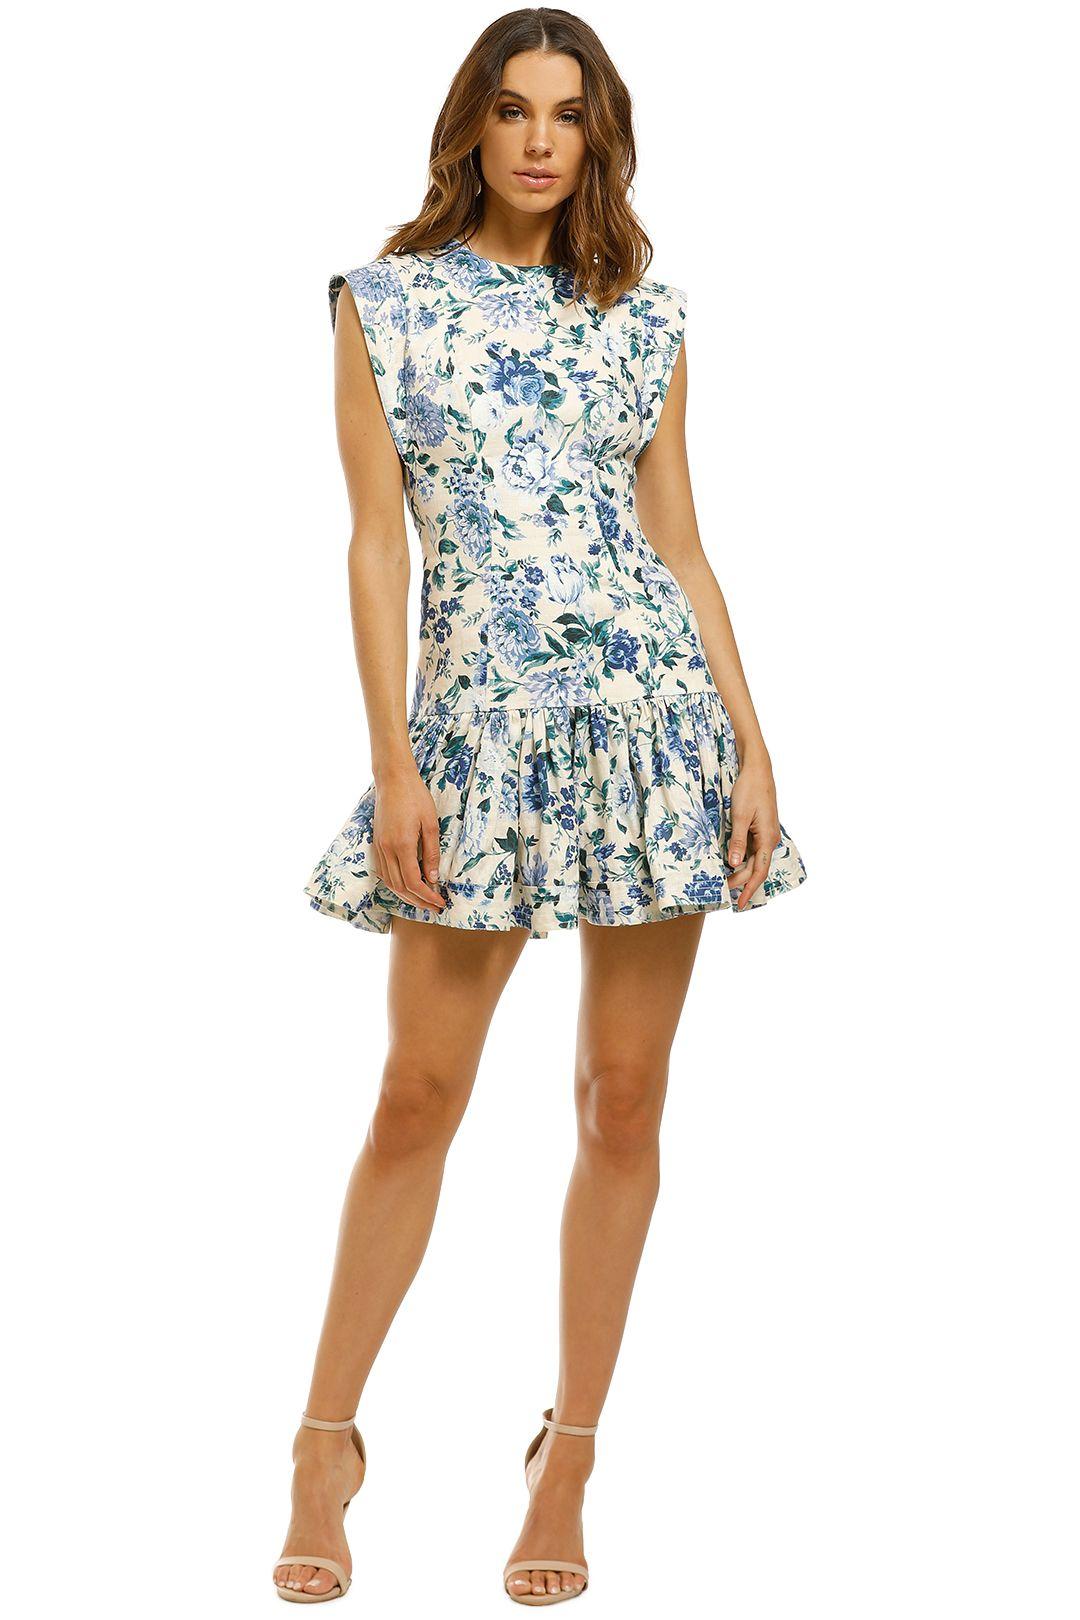 Zimmermann-Moncur-Flounce-Short-Dress-Aquamarine-Floral-Front